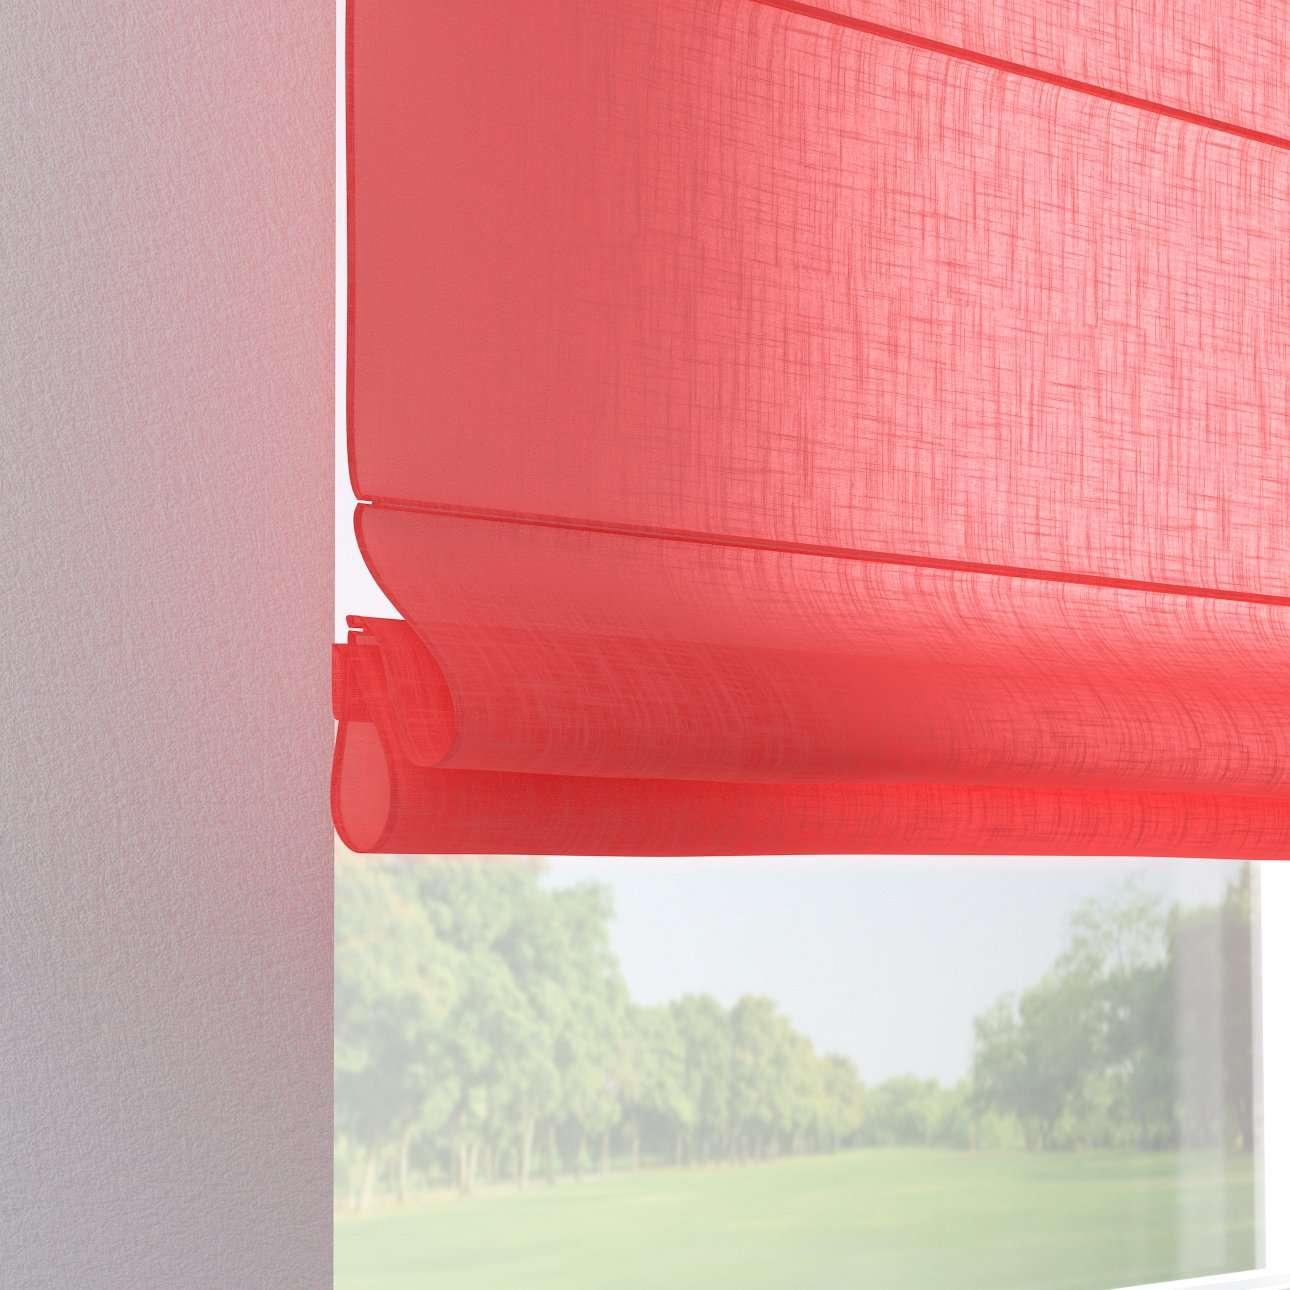 Foldegardin Verona<br/>Med stropper til gardinstang fra kollektionen Romantik, Stof: 128-02